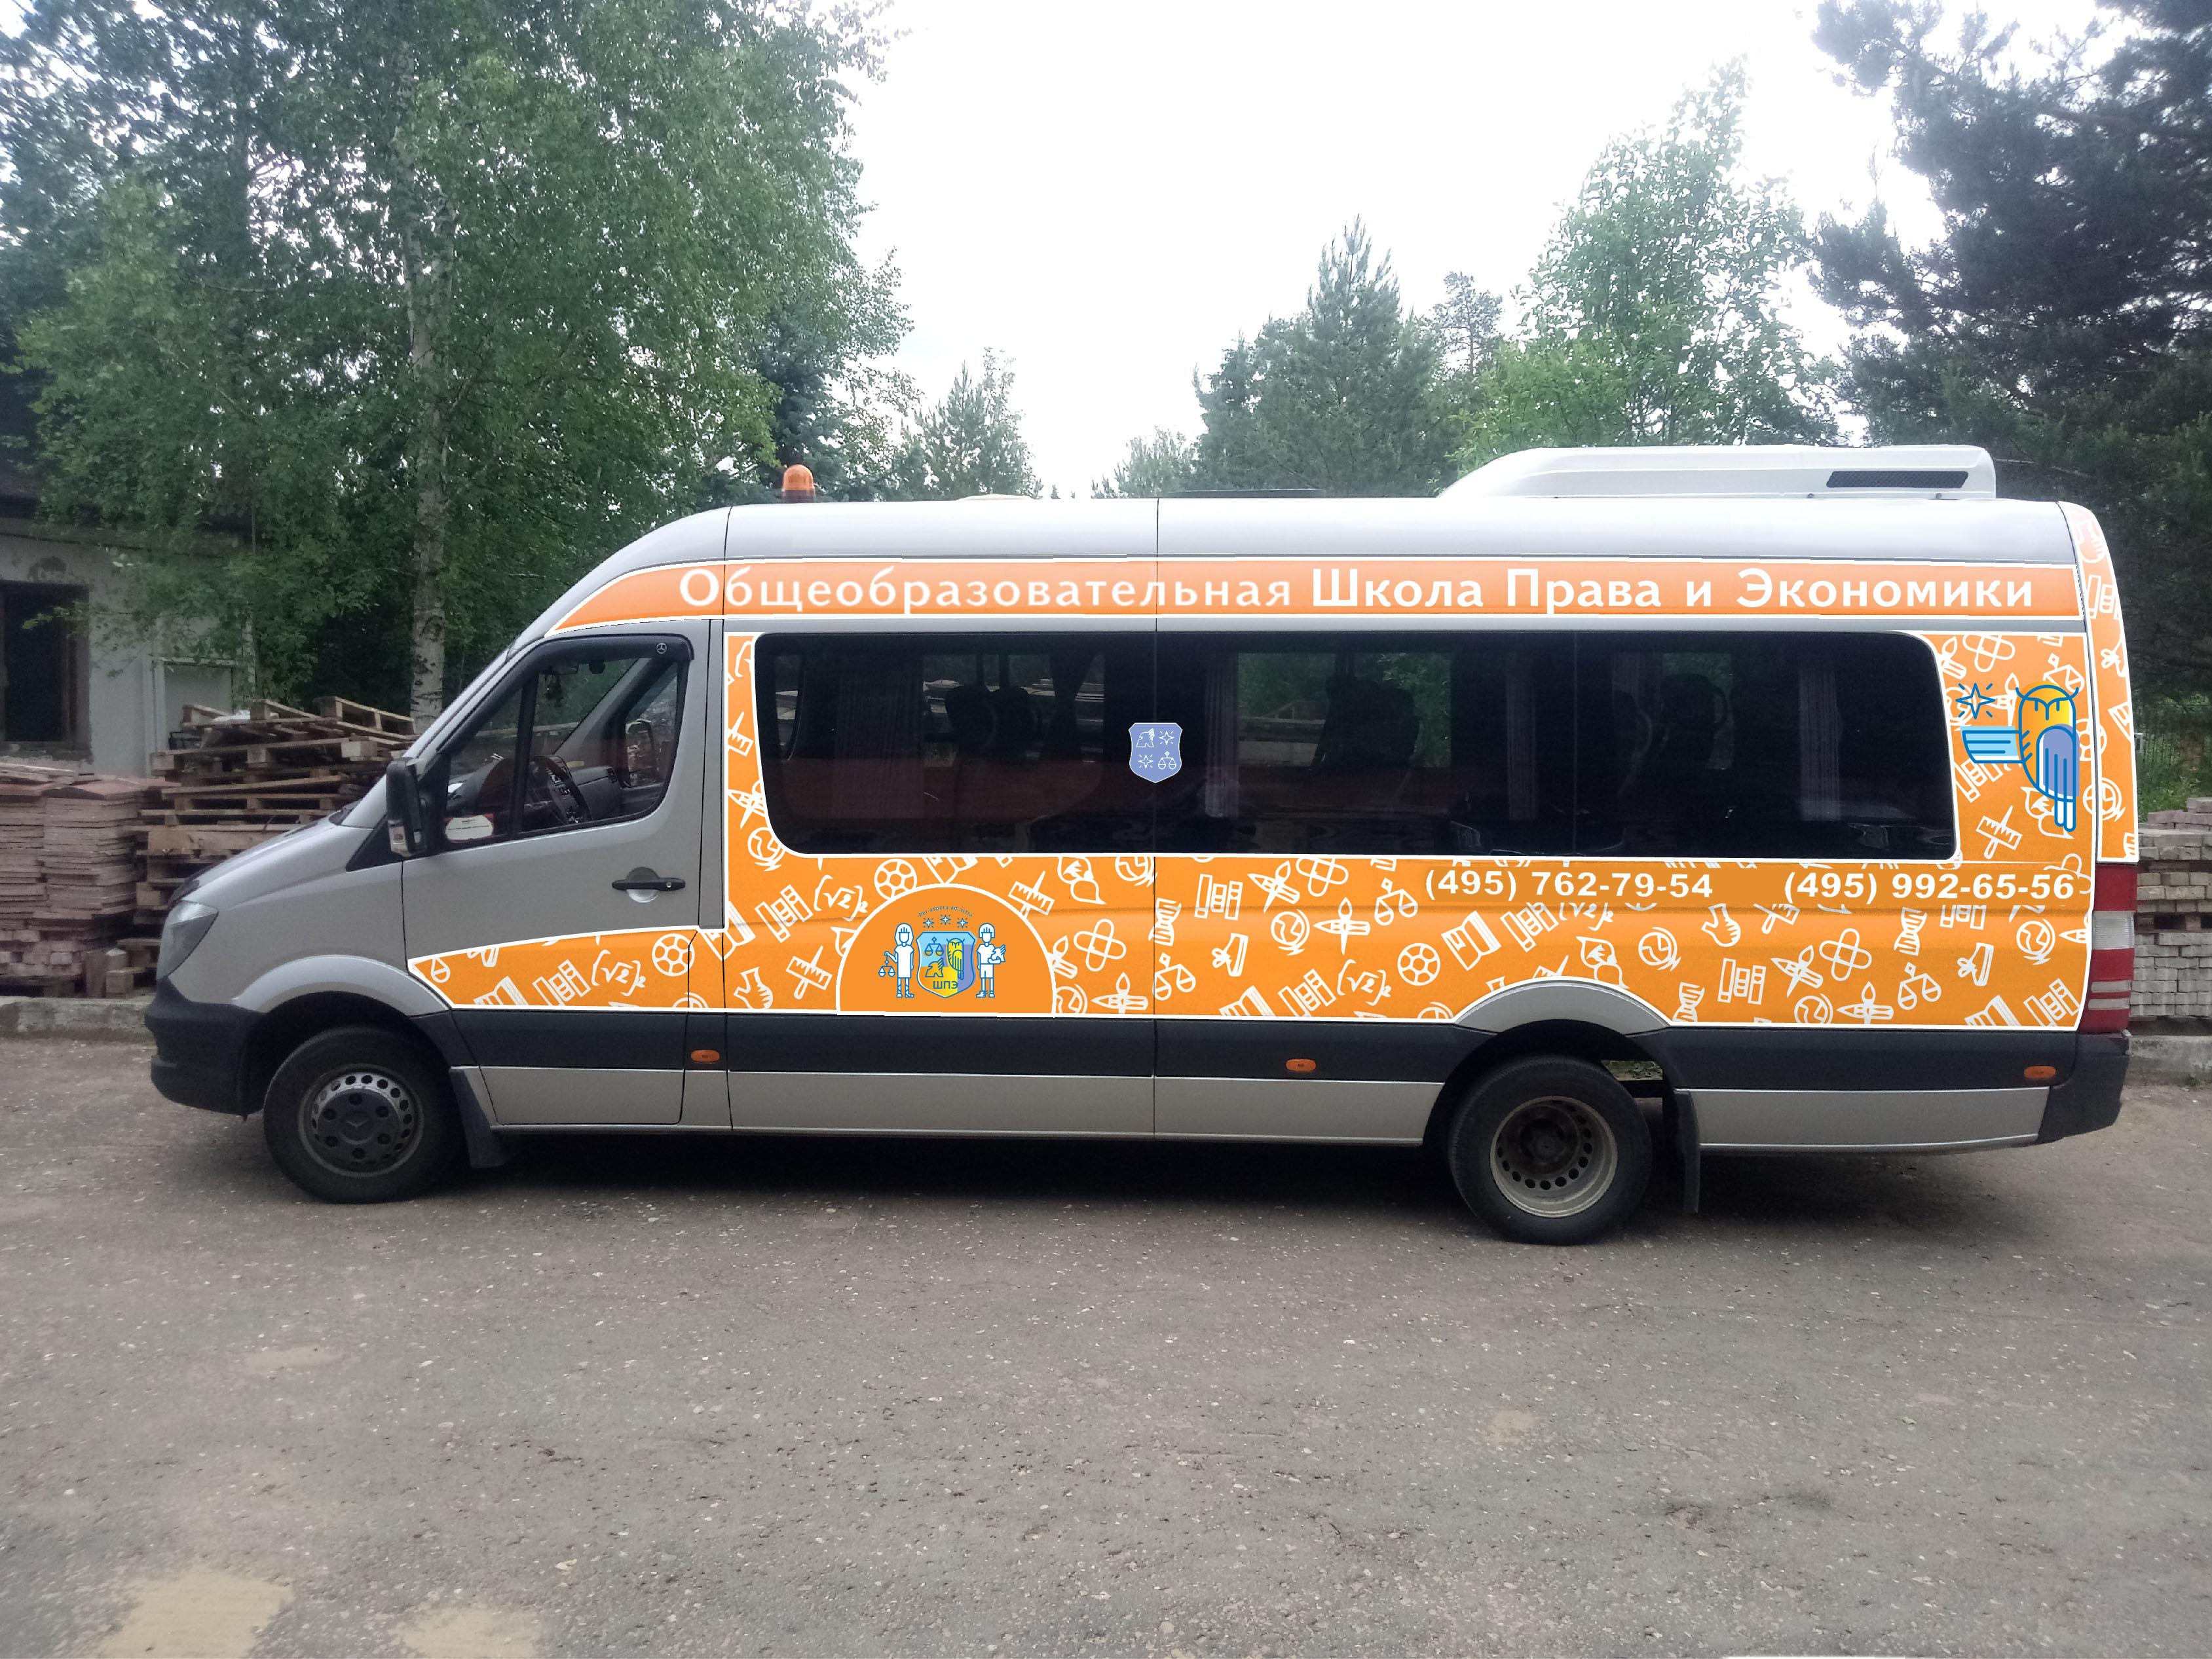 Дизайн оклейки школьного автобуса фото f_1915d0246faa48a8.jpg